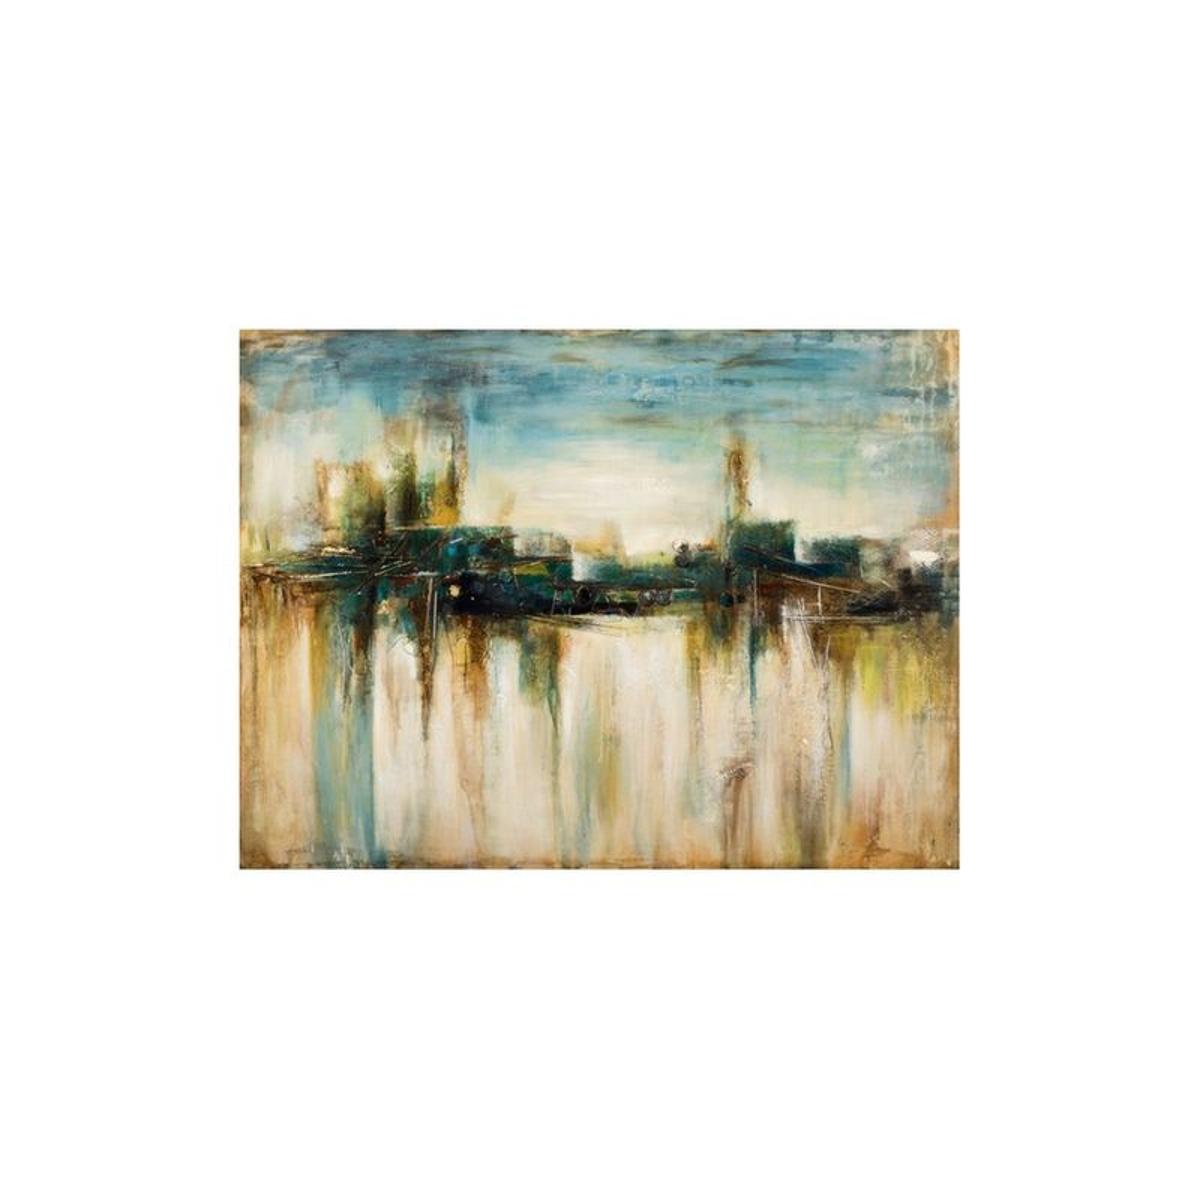 Tableau PAYSAGE Abstrait Paysage Urbain tons beiges, jaunes, verts et bleus 90x120cm